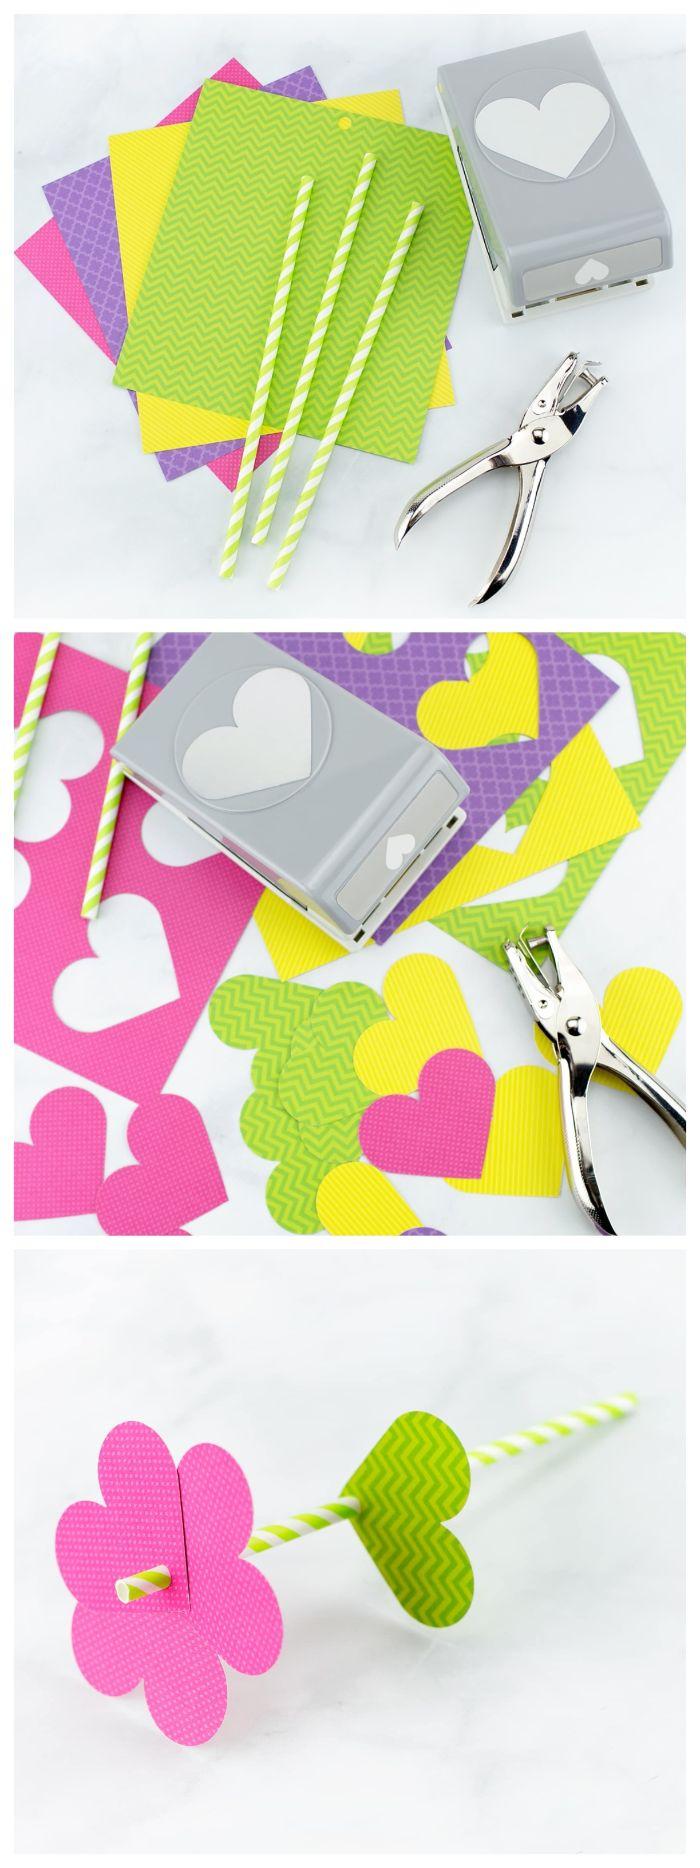 fabriquer une fleur de papier scrapbooking avec des motifs de coeurs en papier sur une paille